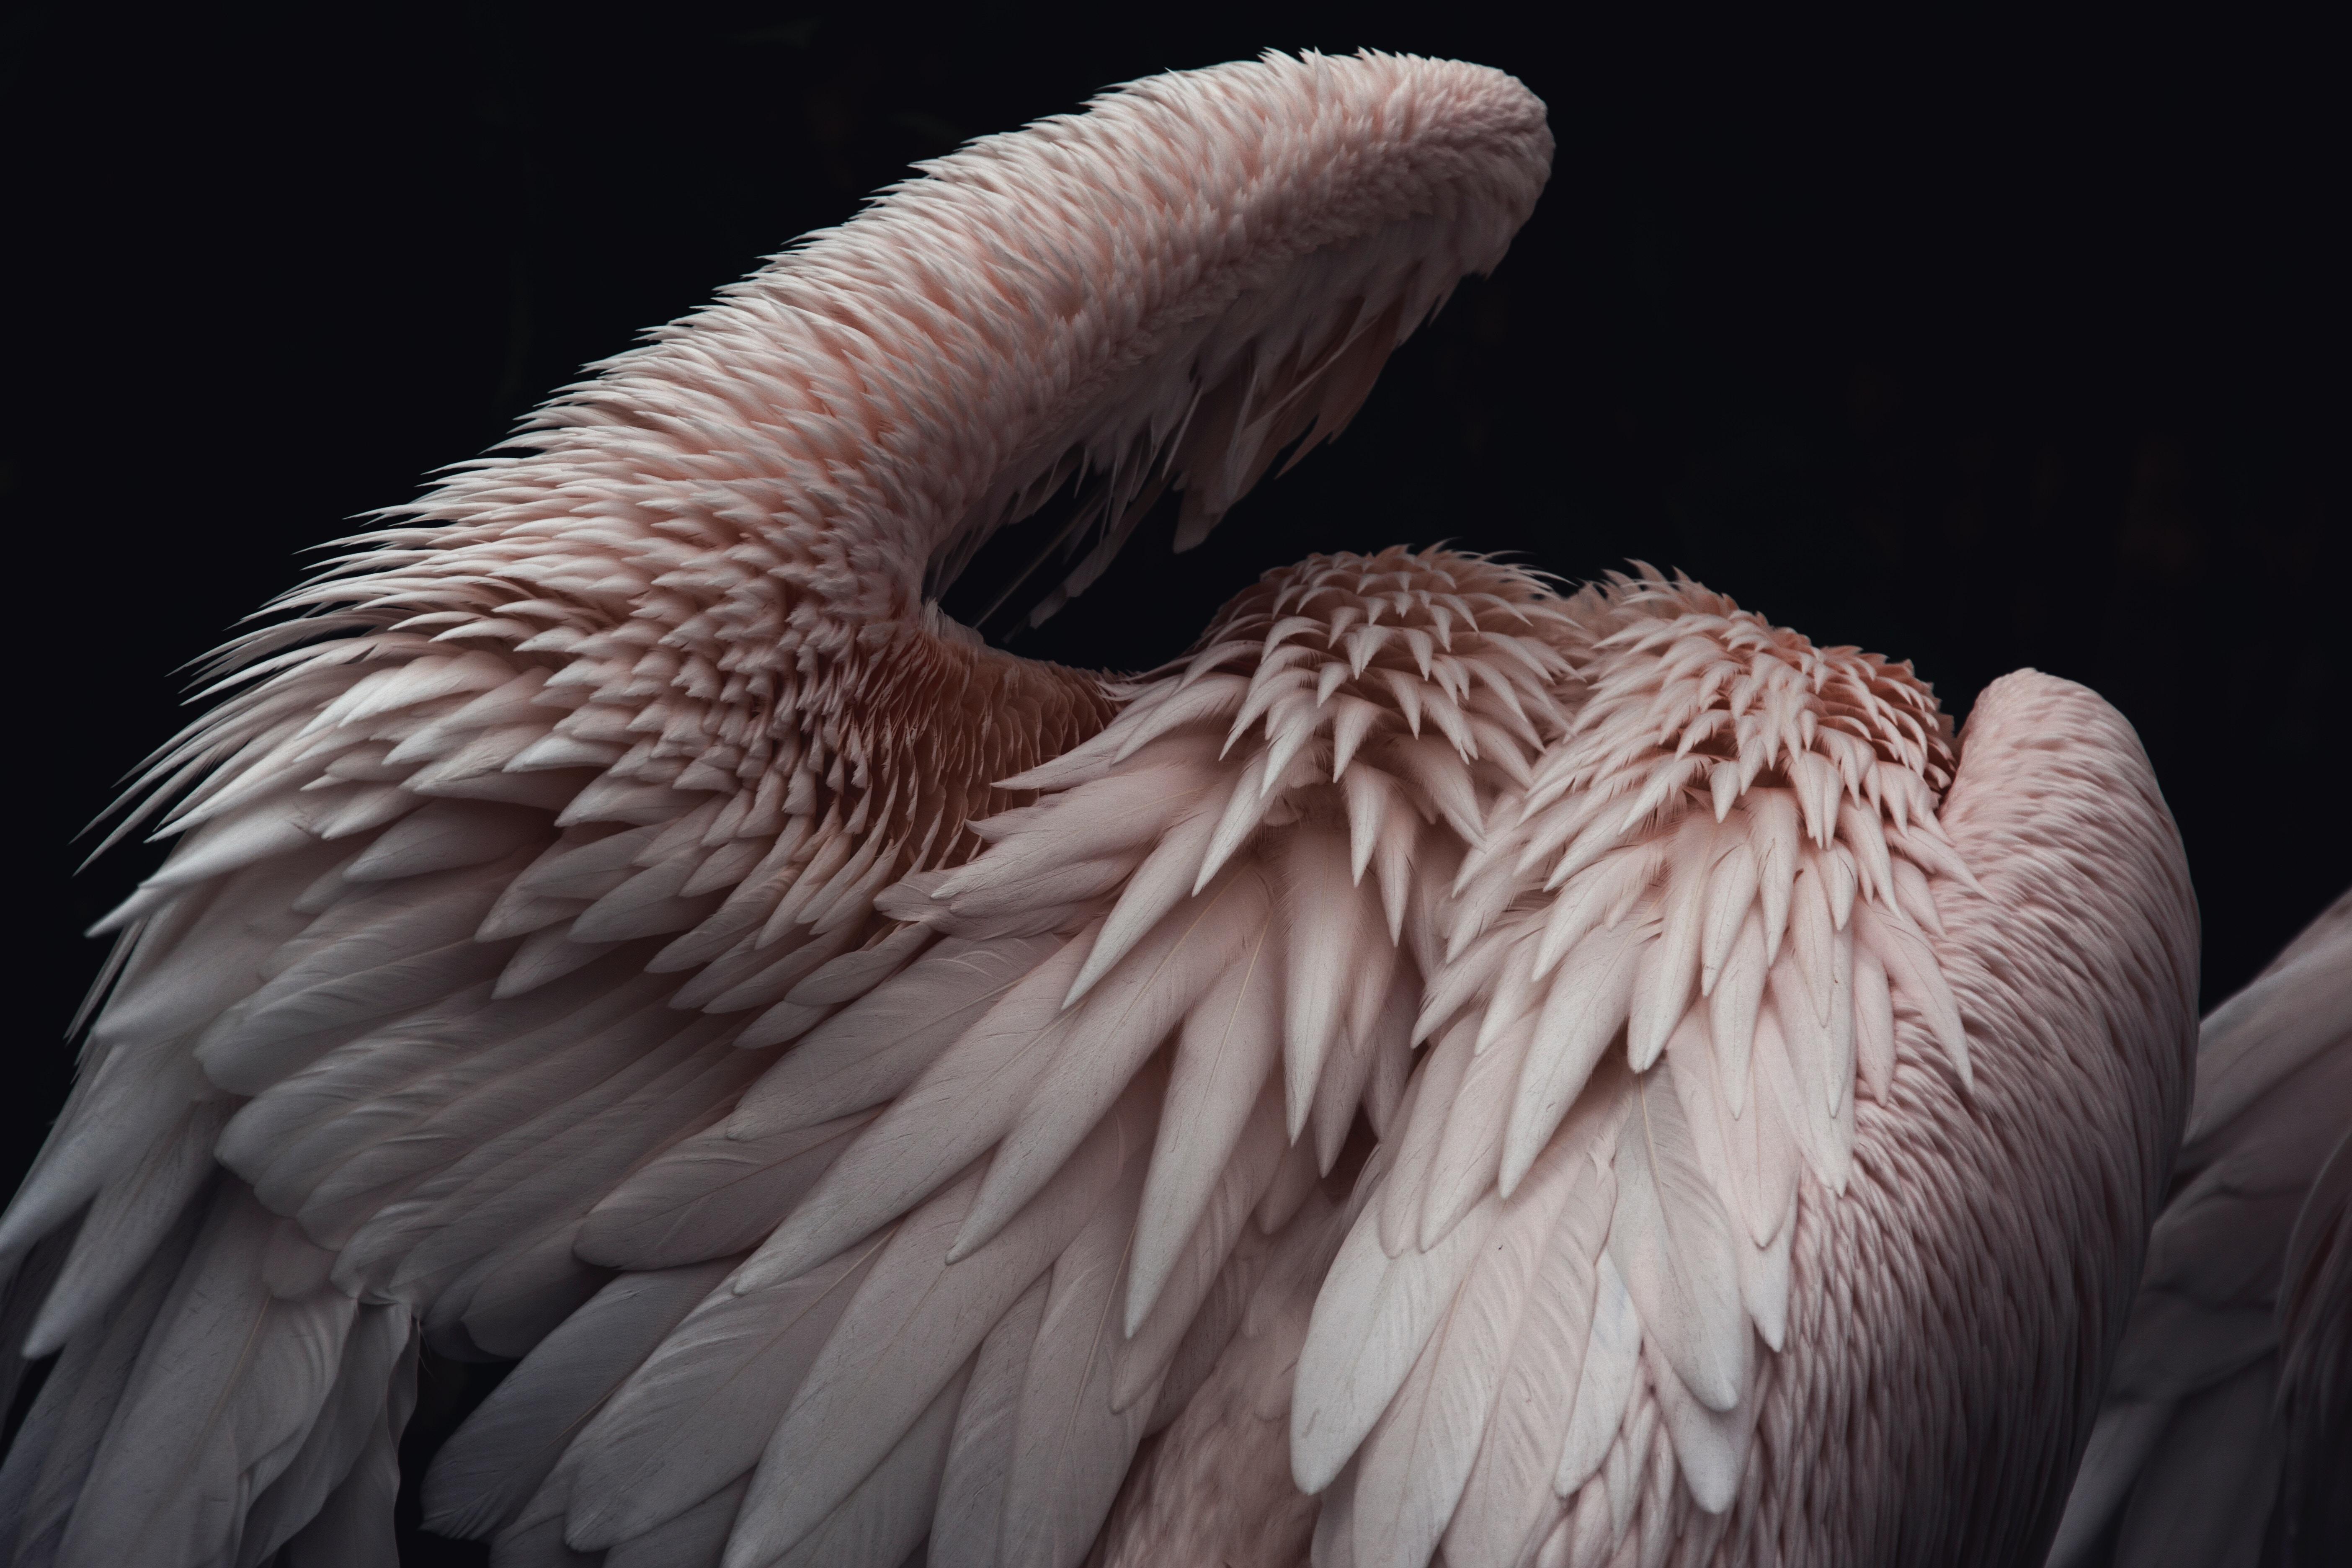 Wings Begin toUnfold